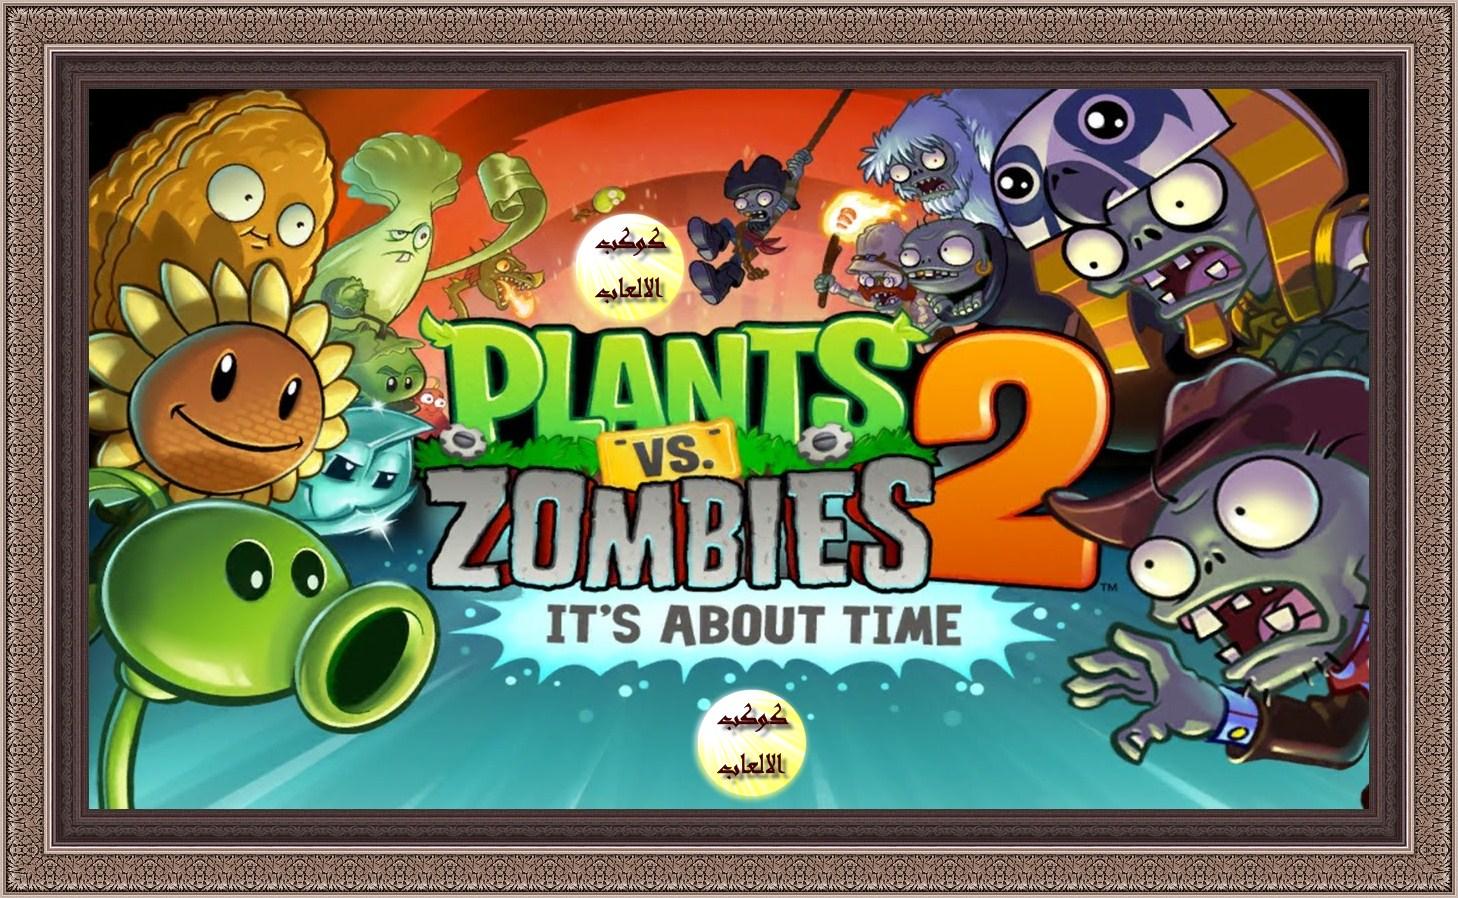 تحميل لعبة الزومبى والنباتات 2016 كاملة ومجانا